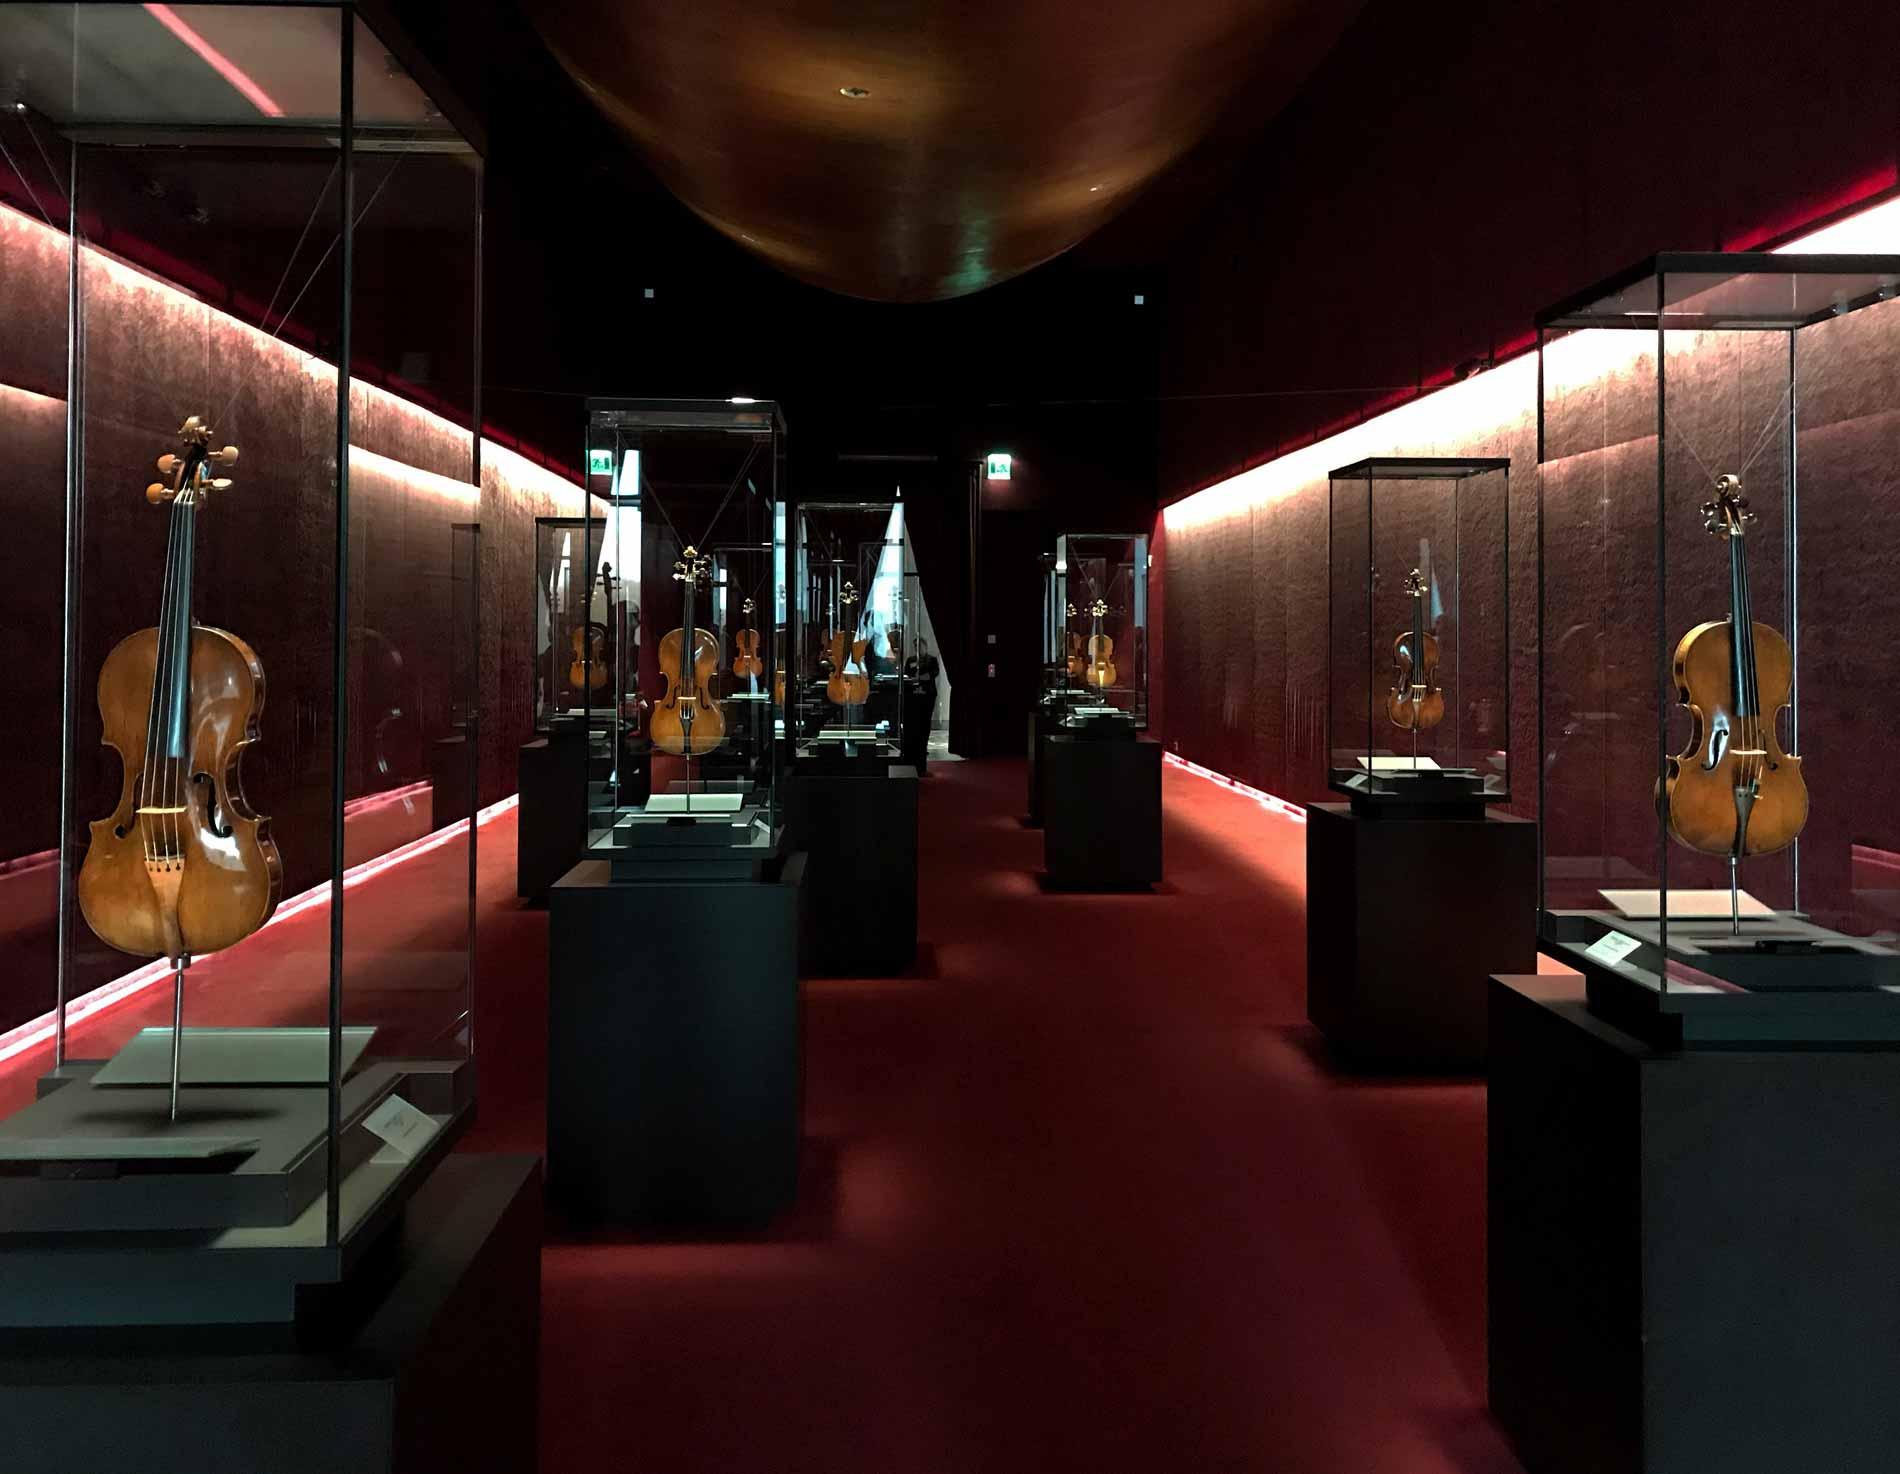 museo-del-violino-Cremona-scrigno-dei-tesori-violini-stradivari-amati-guarneri